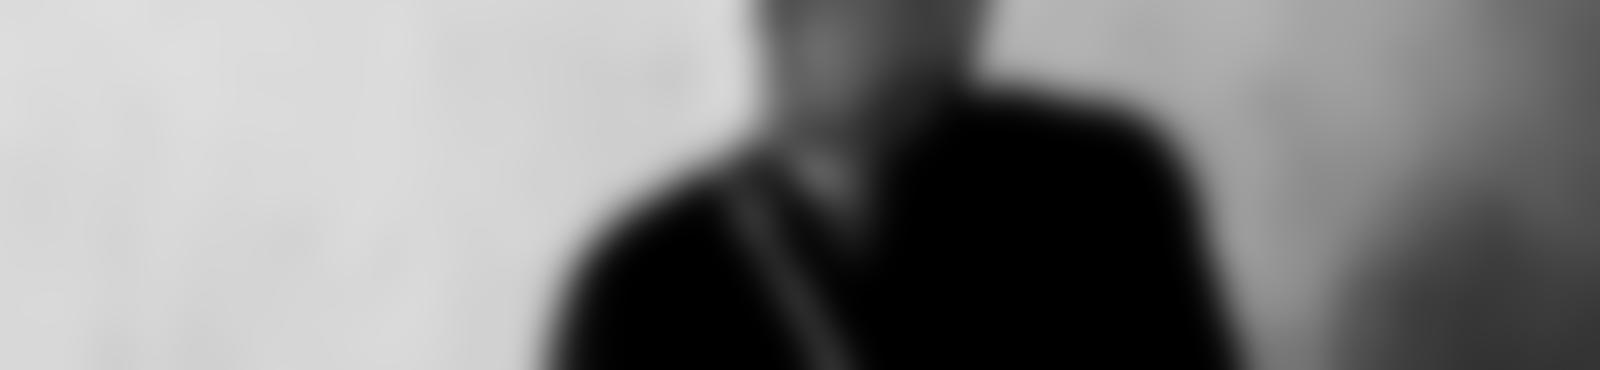 Blurred fbccbe3a dd17 44d4 bdc8 e05d02710e68